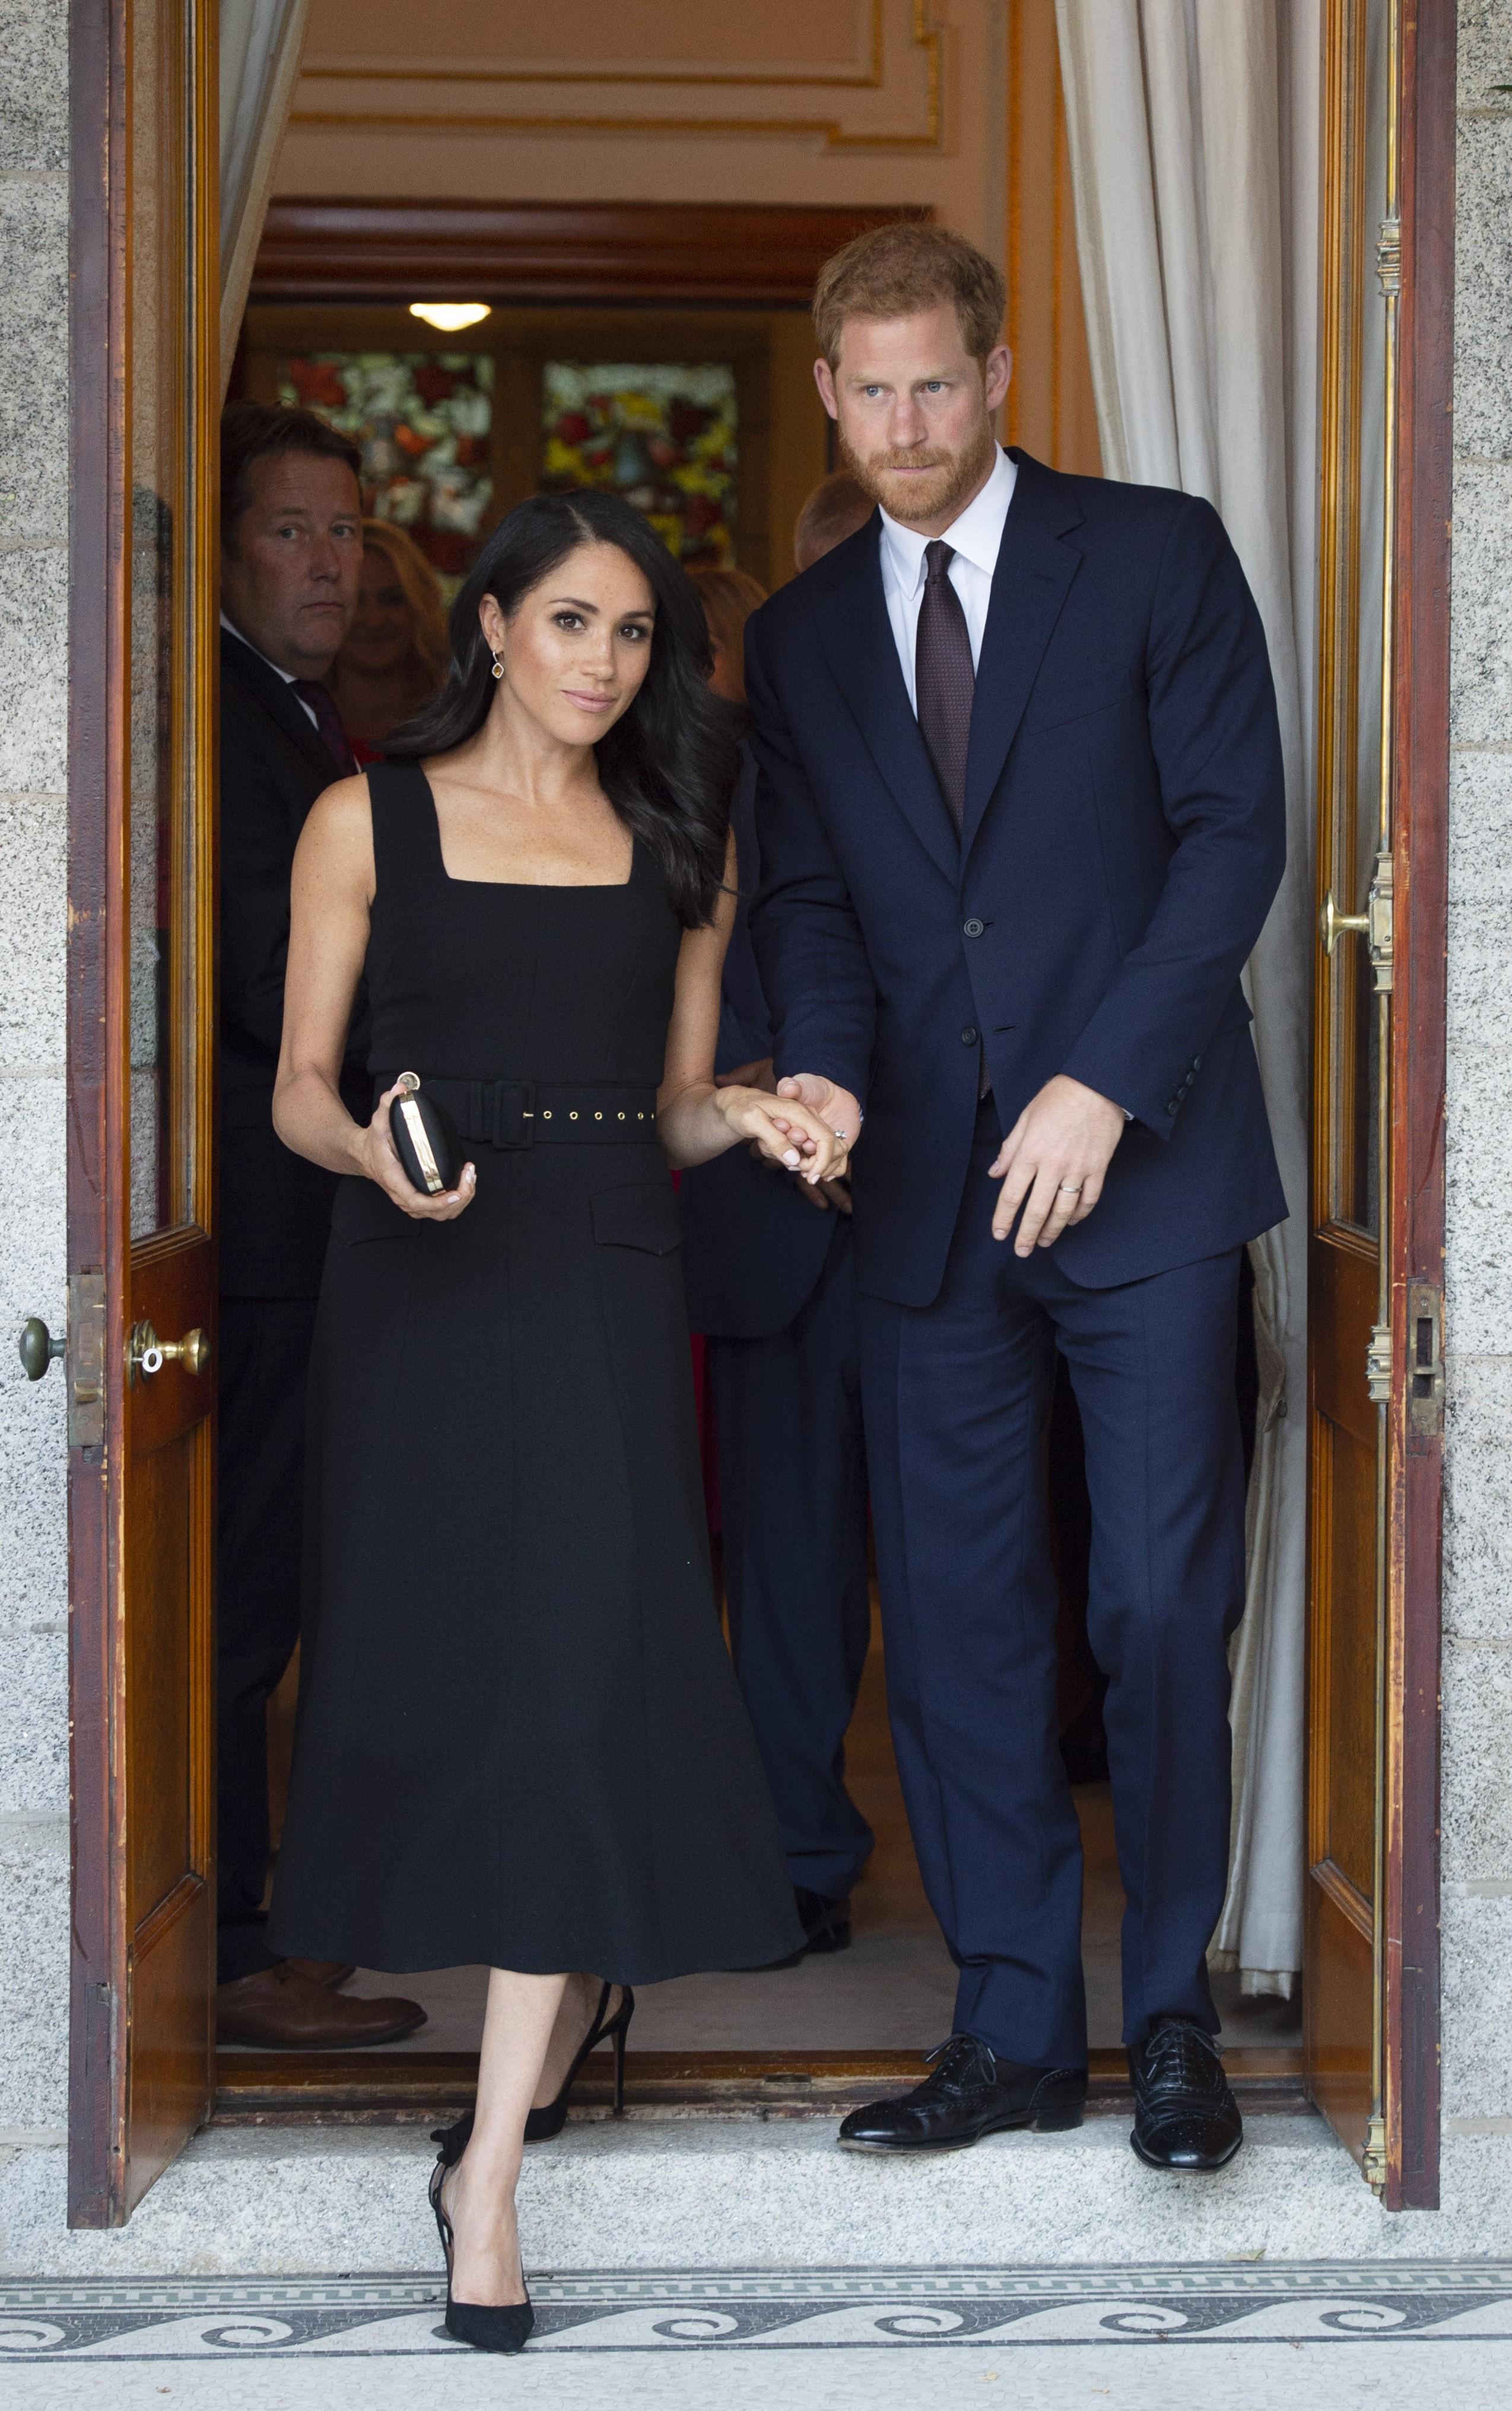 Há menos de um ano na família real, o estilo de Meghan Markle já virou destaque (Foto: Getty Images)